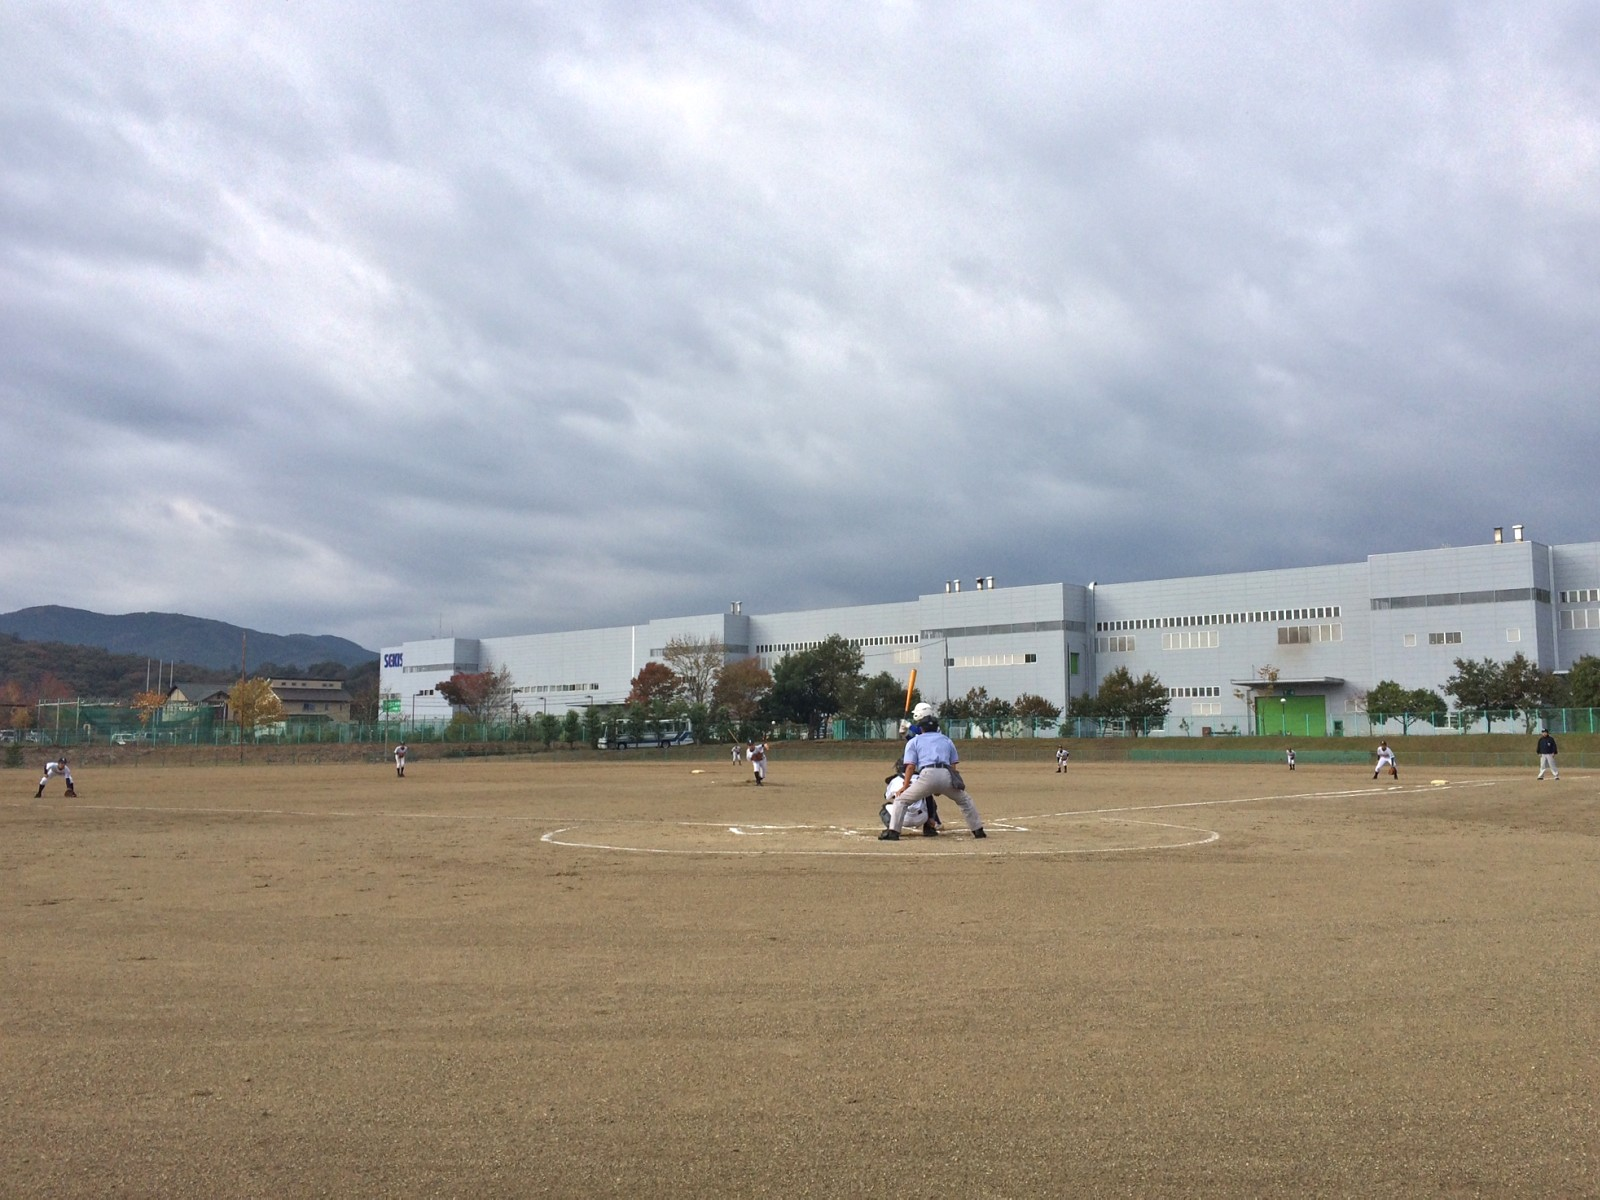 2014.11.08 第8回成田国際空港杯フレッシュマン大会茨城ブロック 1回戦 取手リトルシニアA戦